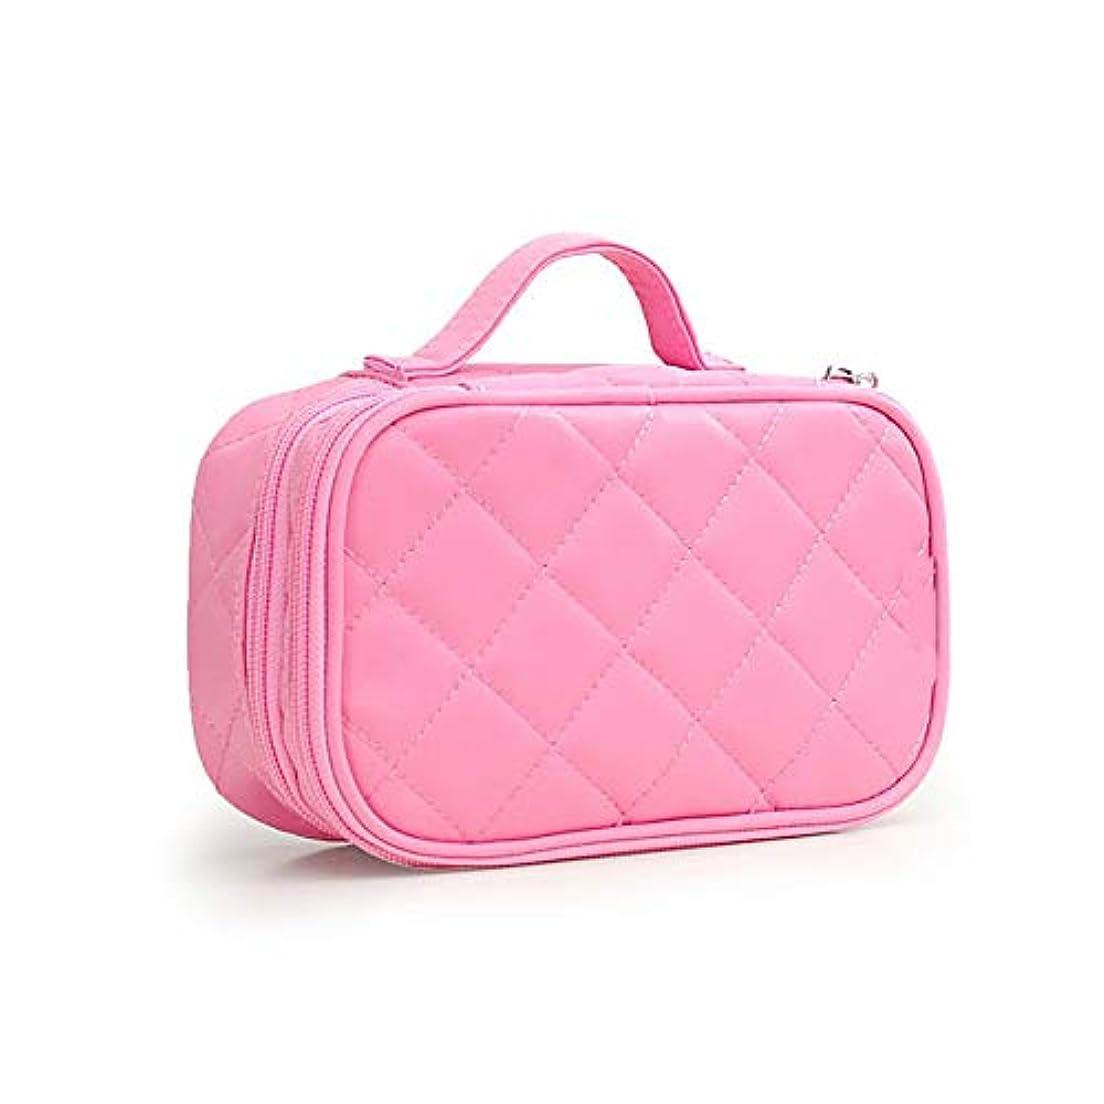 たぶんデュアルに対応する化粧オーガナイザーバッグ 女性の化粧品バッグのポータブル韓国語バージョン創造的な ナイロン防水洗浄バッグ。 化粧品ケース (色 : ピンク)